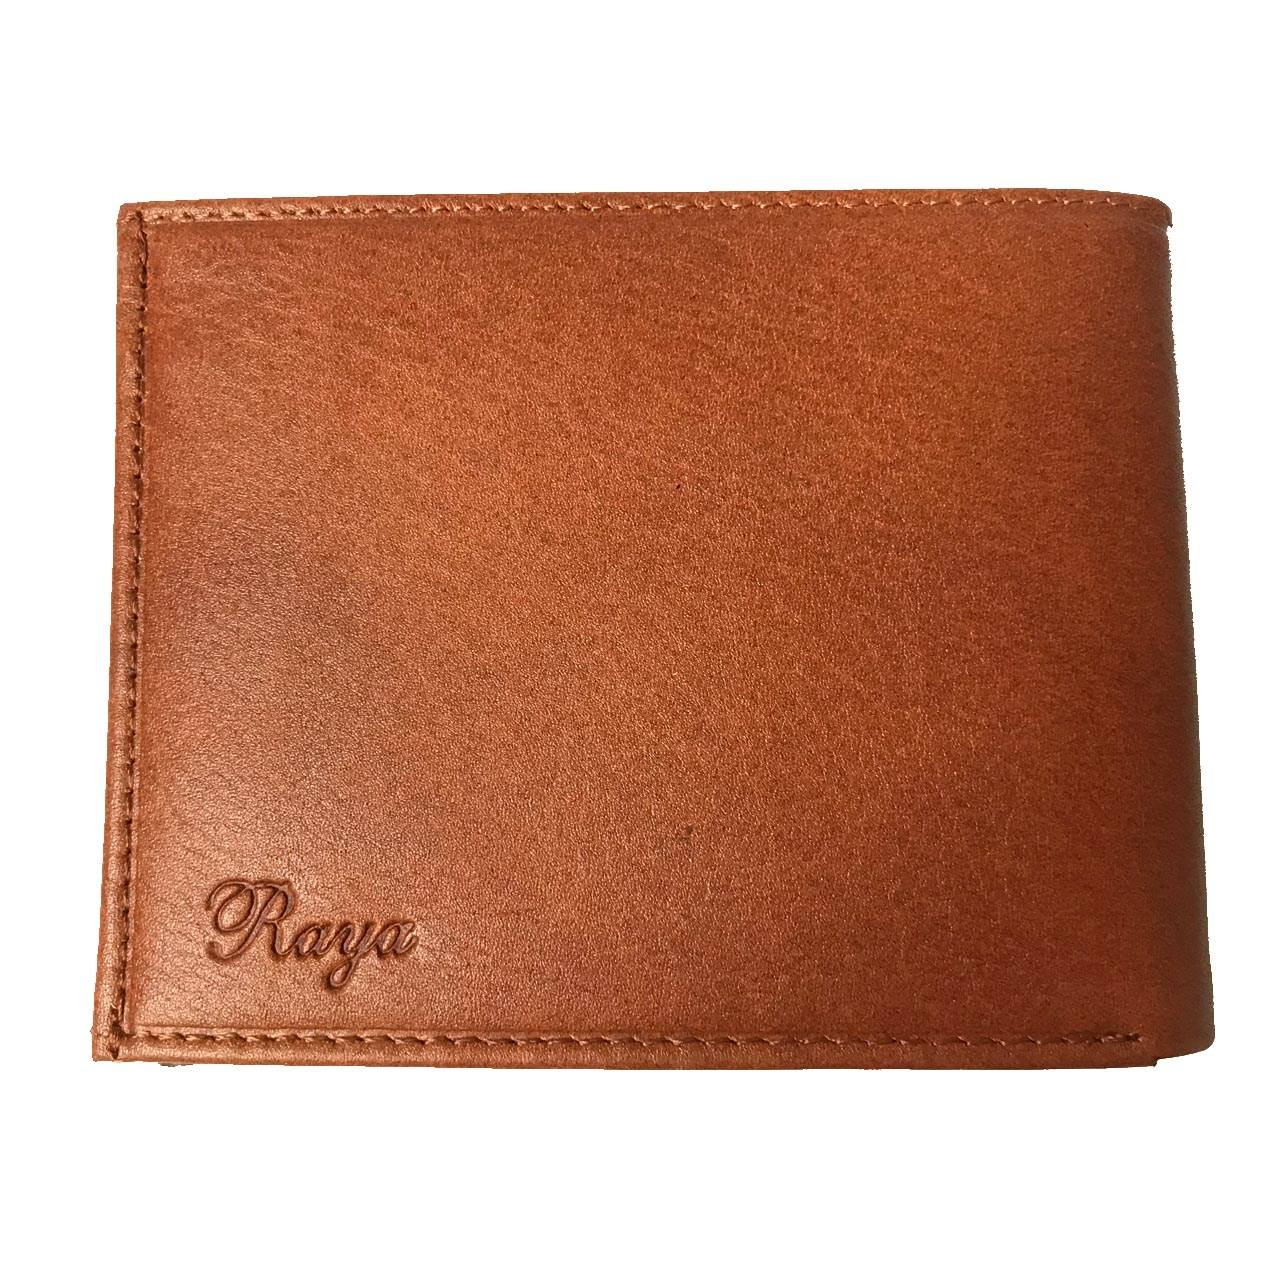 کیف پول چرم رایا مدل Rozana -  - 1